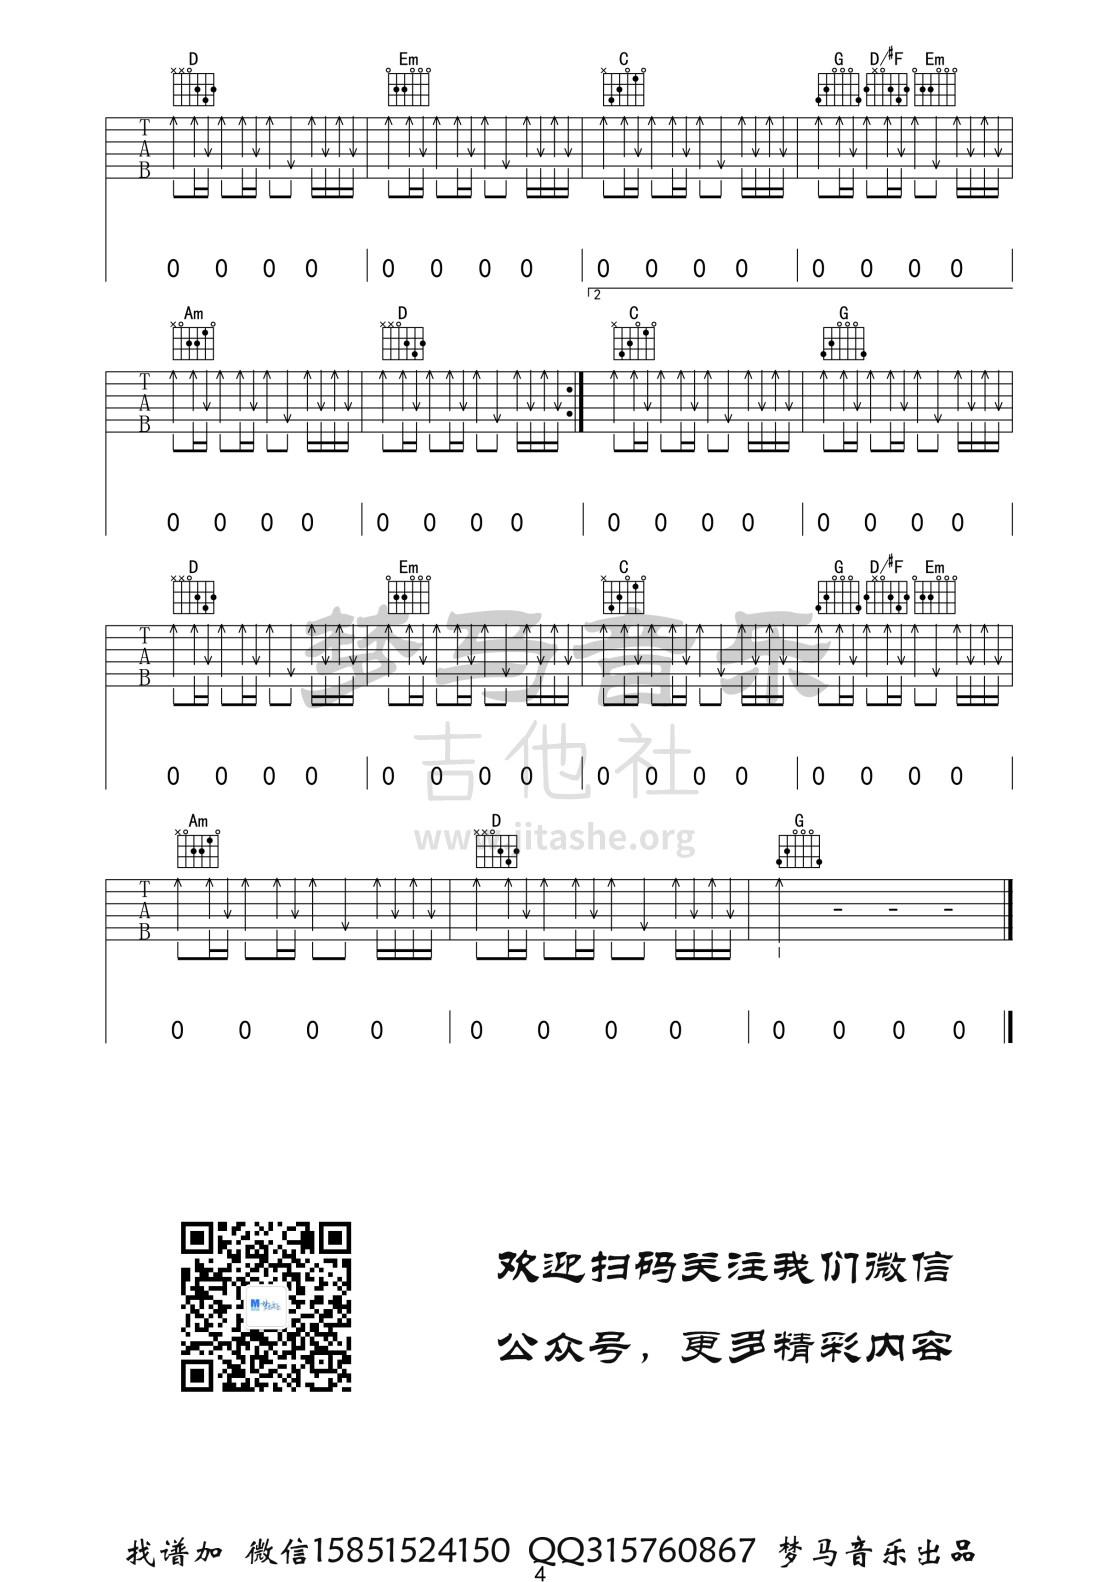 成年人的世界吉他谱(图片谱,弹唱)_张闯_成年人的世界-4.jpg